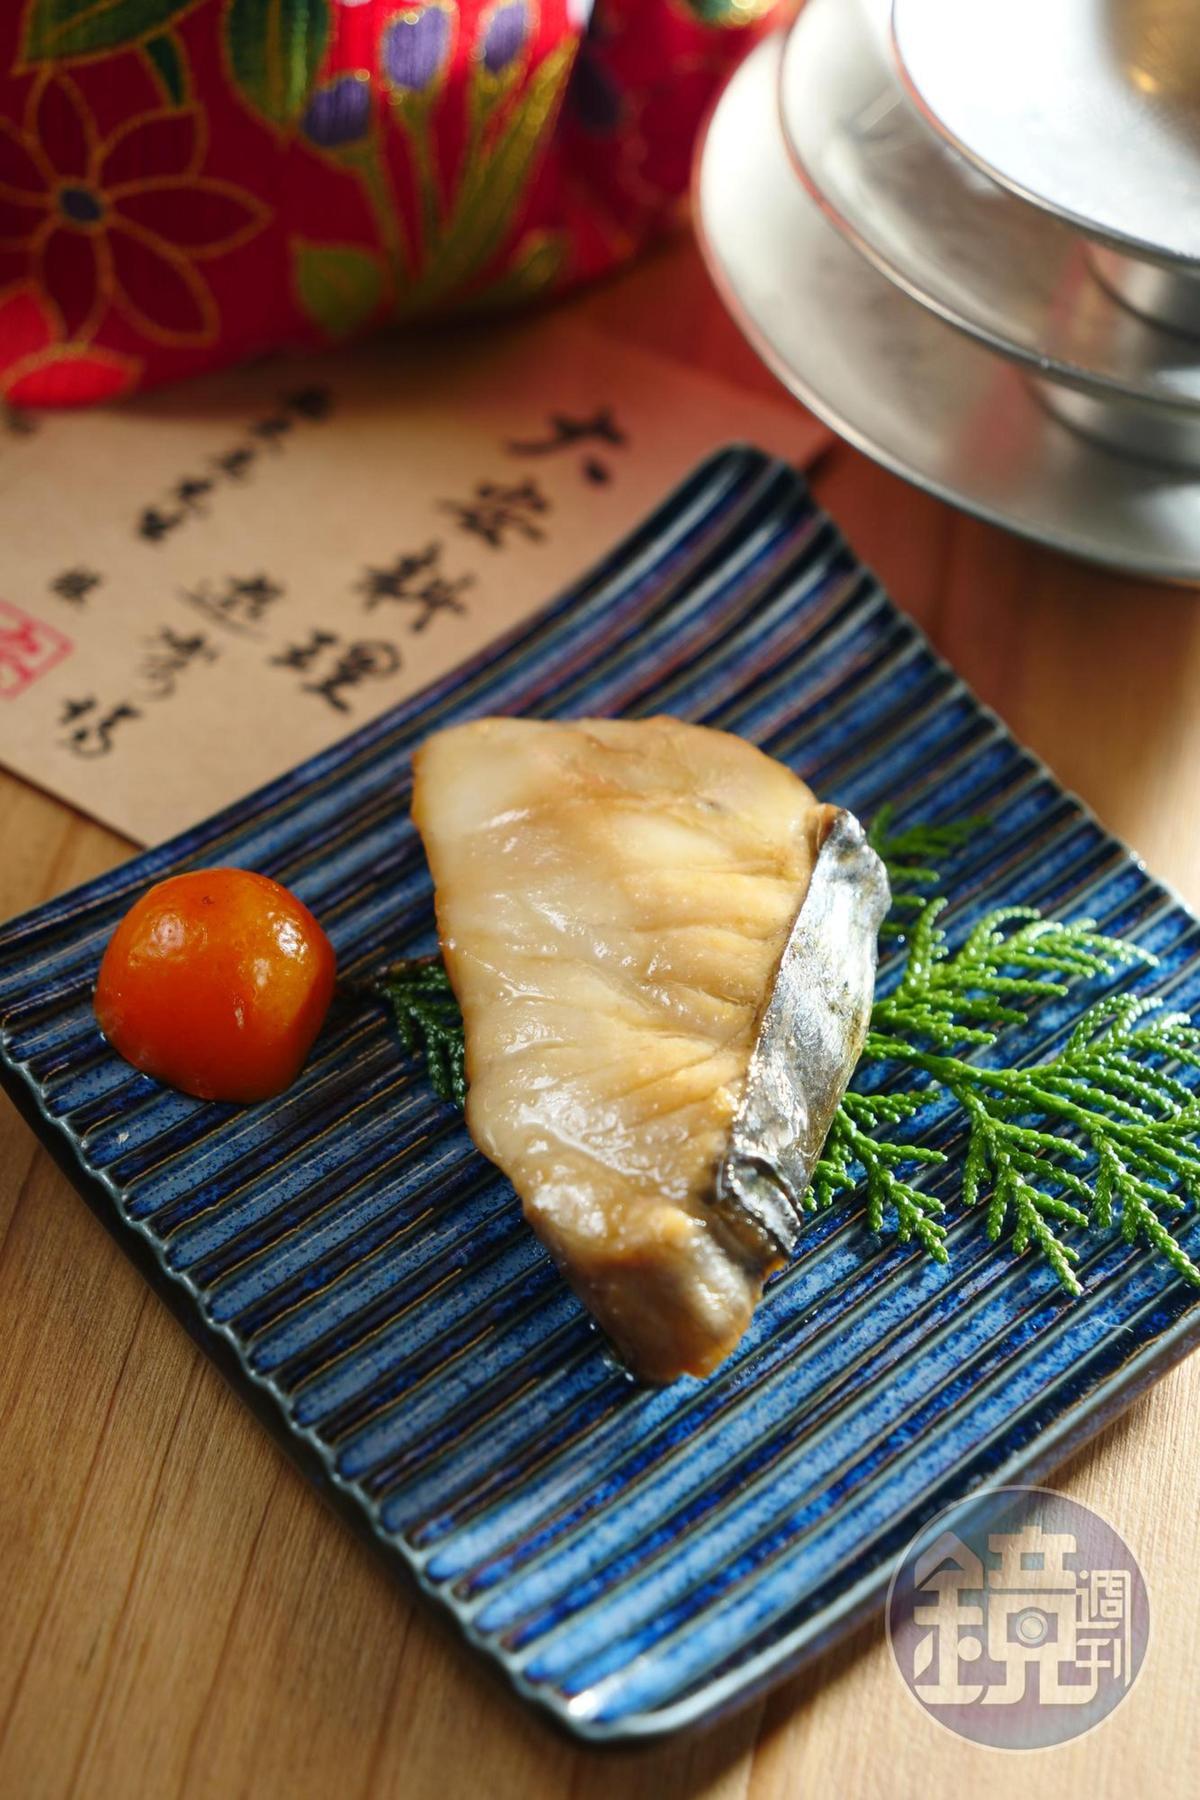 「鰆魚梅汁炙燒」用時間換取入味,肉質卻不致過度脫水。